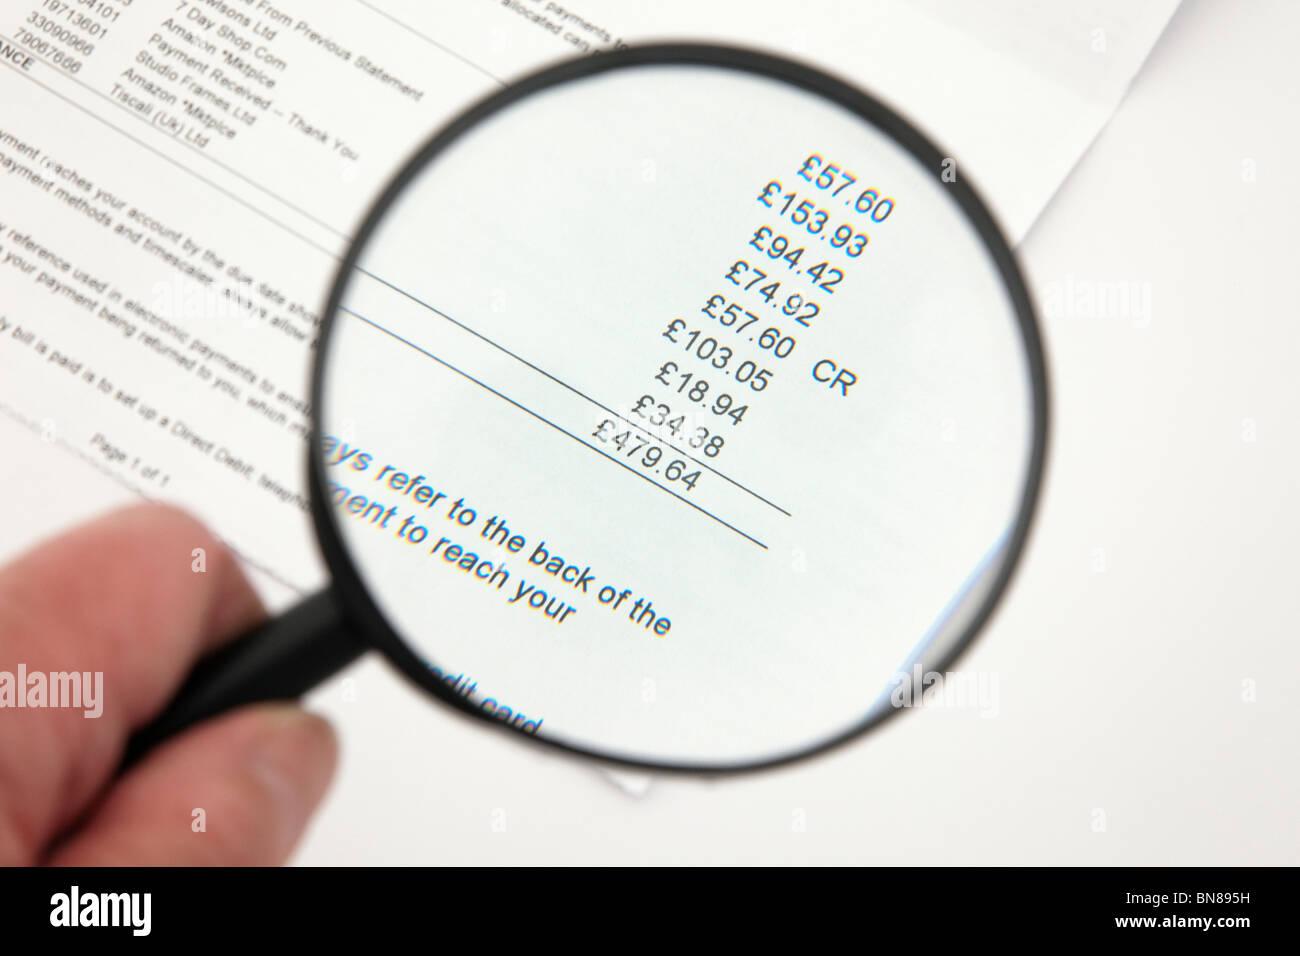 Persona con una lupa para mirar una gran factura de la tarjeta de crédito. Imagen De Stock